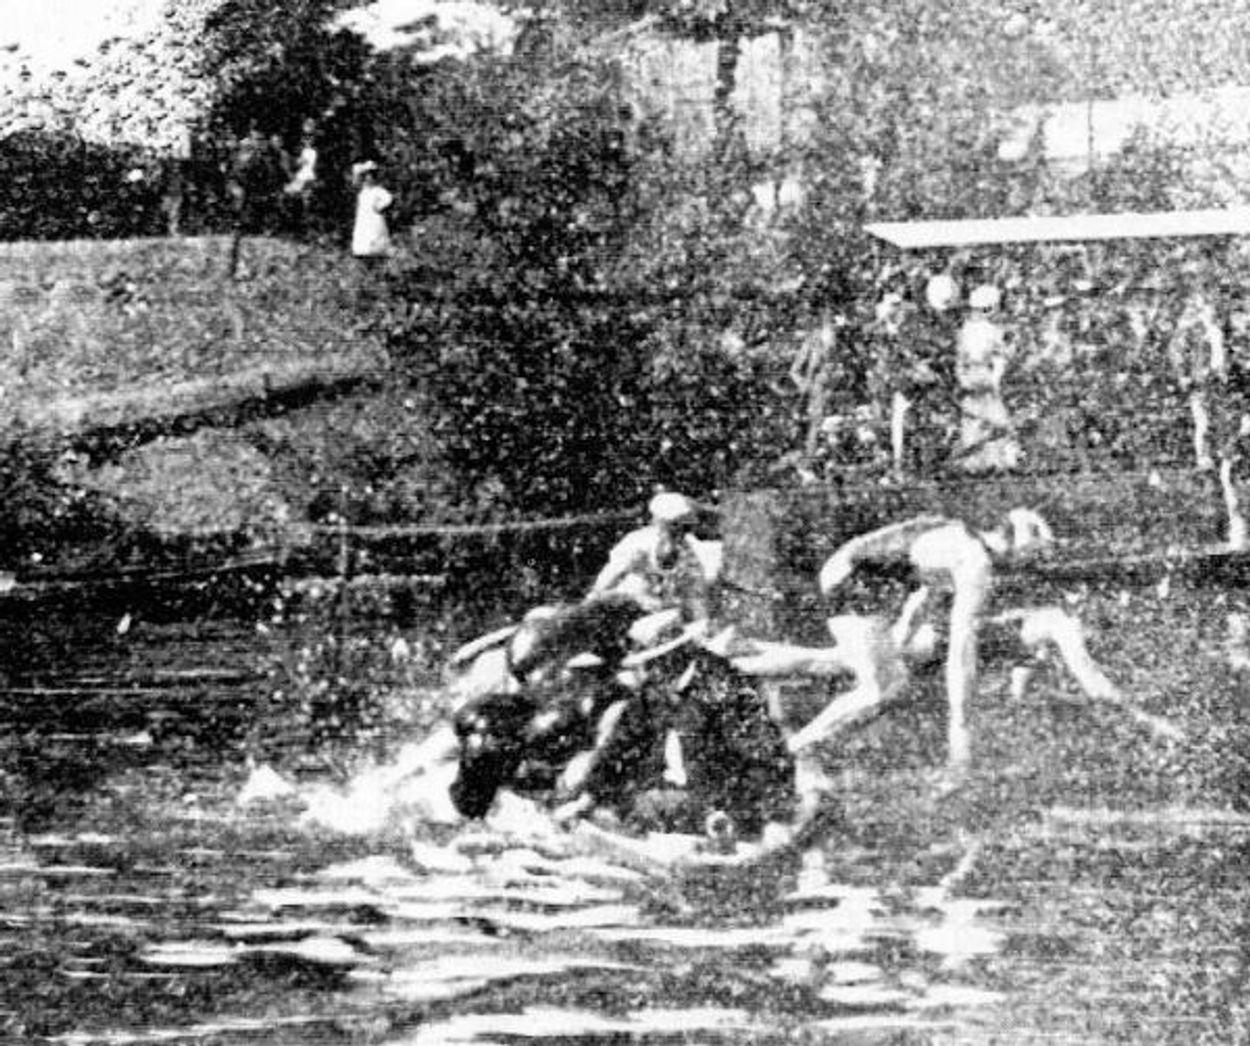 zwemmen-met-hindernis